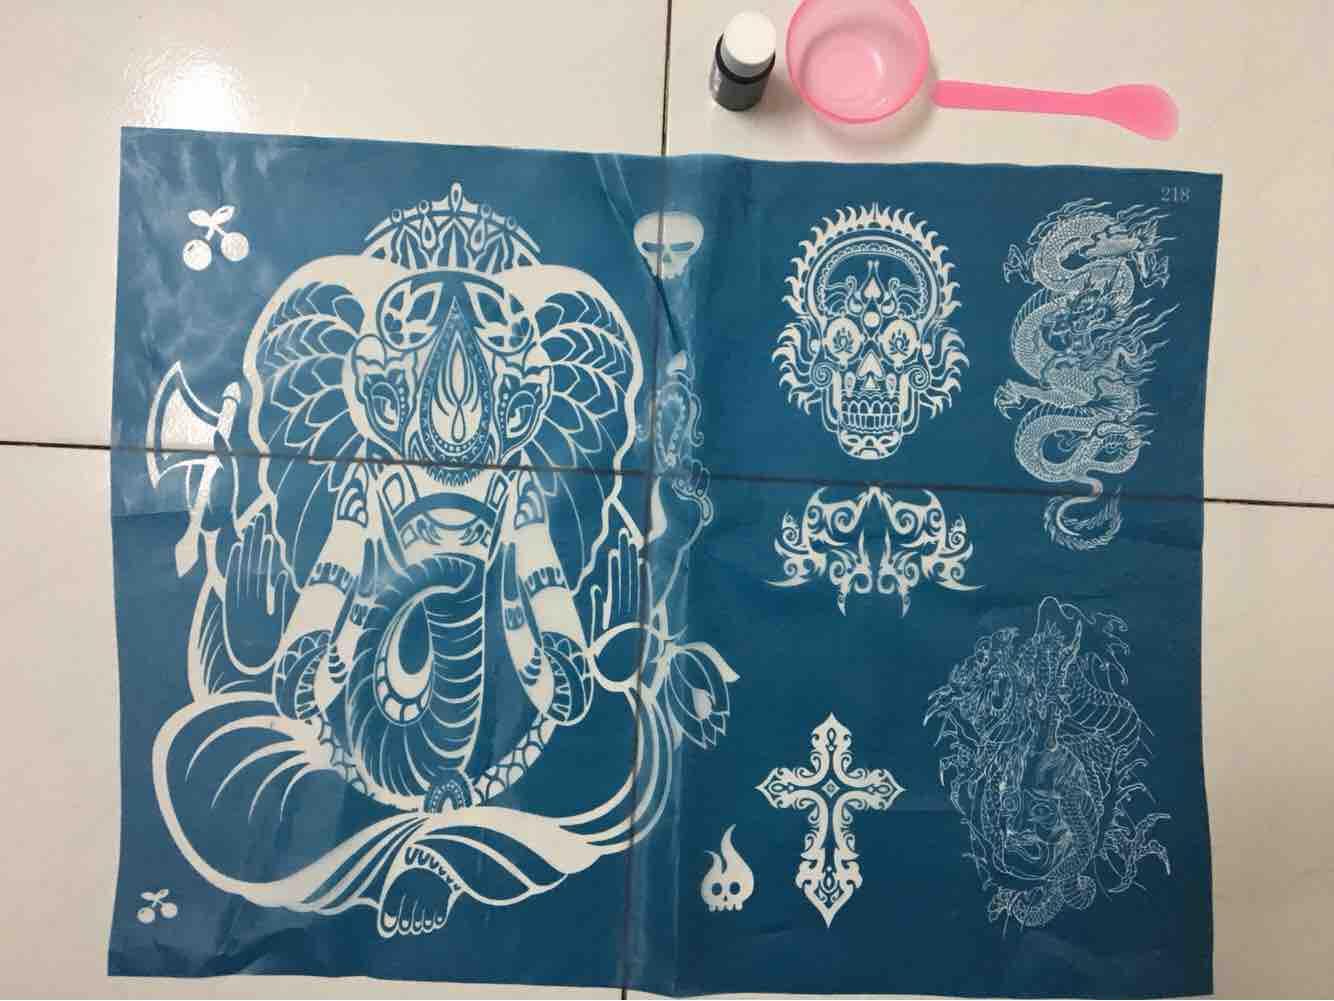 1 Tấm khung xăm henna hoặc Inkbox size to kín lưng Tặng kèm Mực henna và dụng cụ nhập khẩu